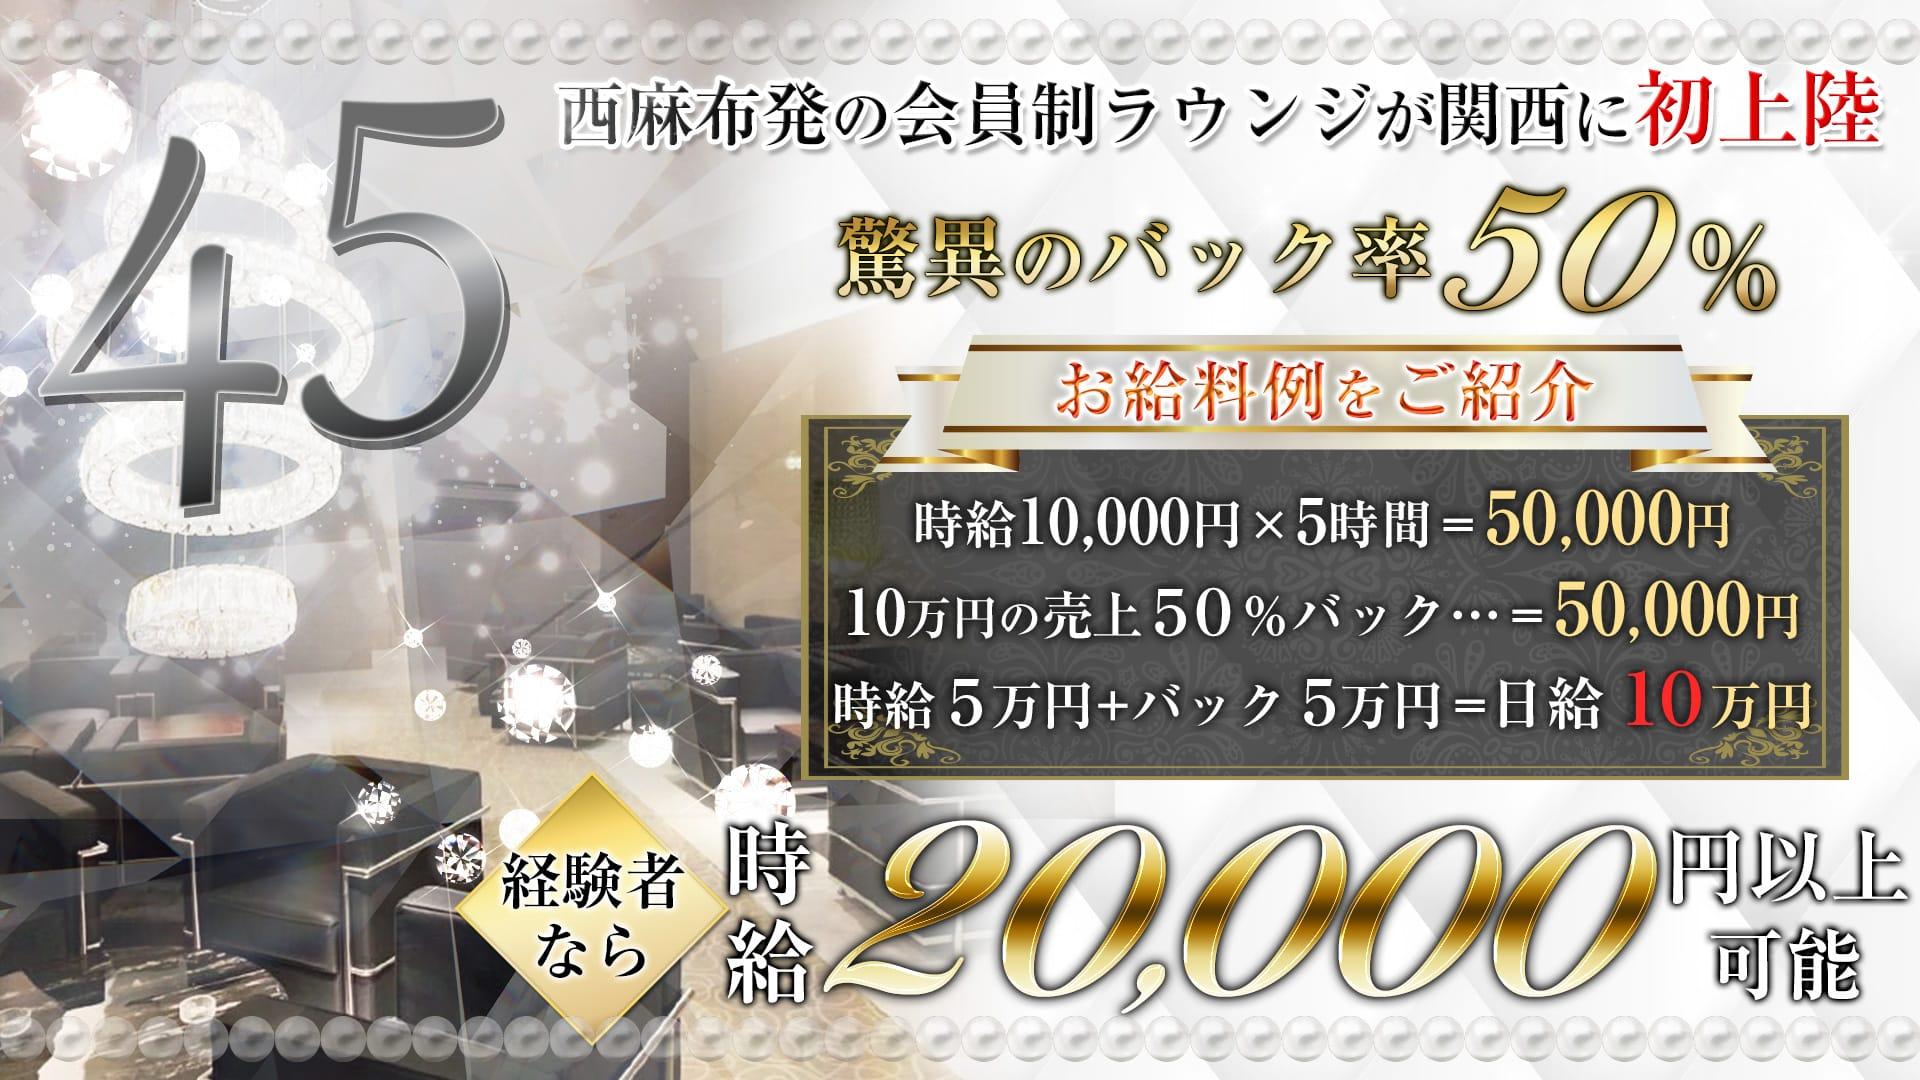 45(よんごー) 祇園会員制ラウンジ TOP画像